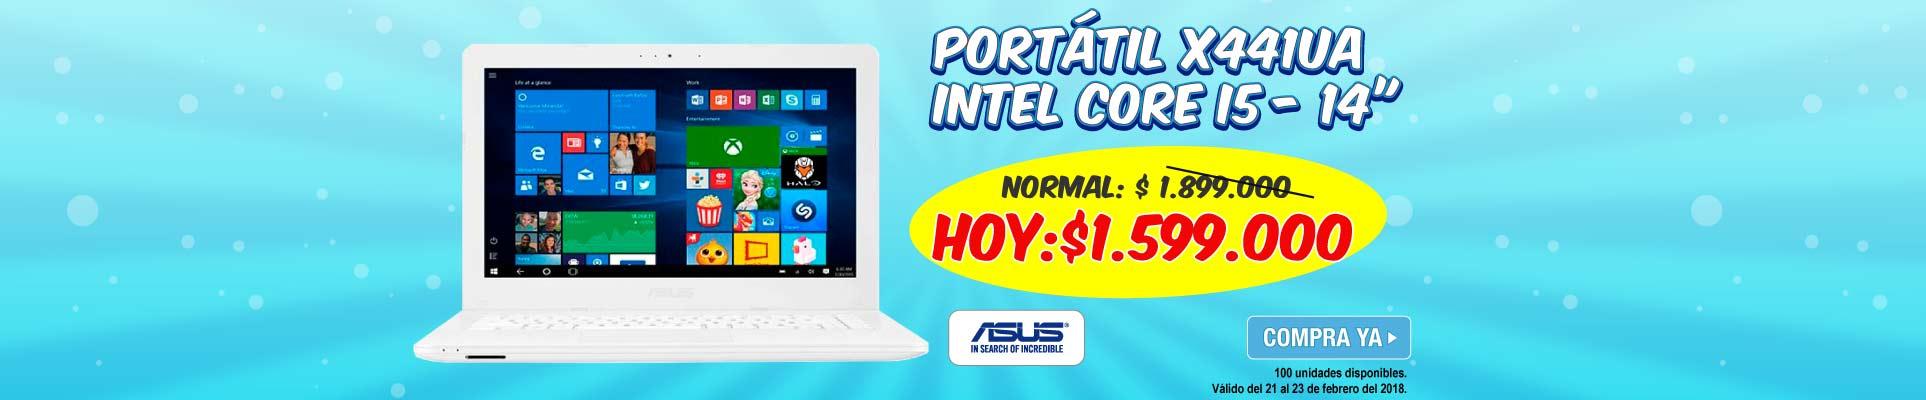 PPAL ALKP-5-computadores-Portátil ASUS - X441UA - Intel Core i5 - 14-prod-Febrero21-23